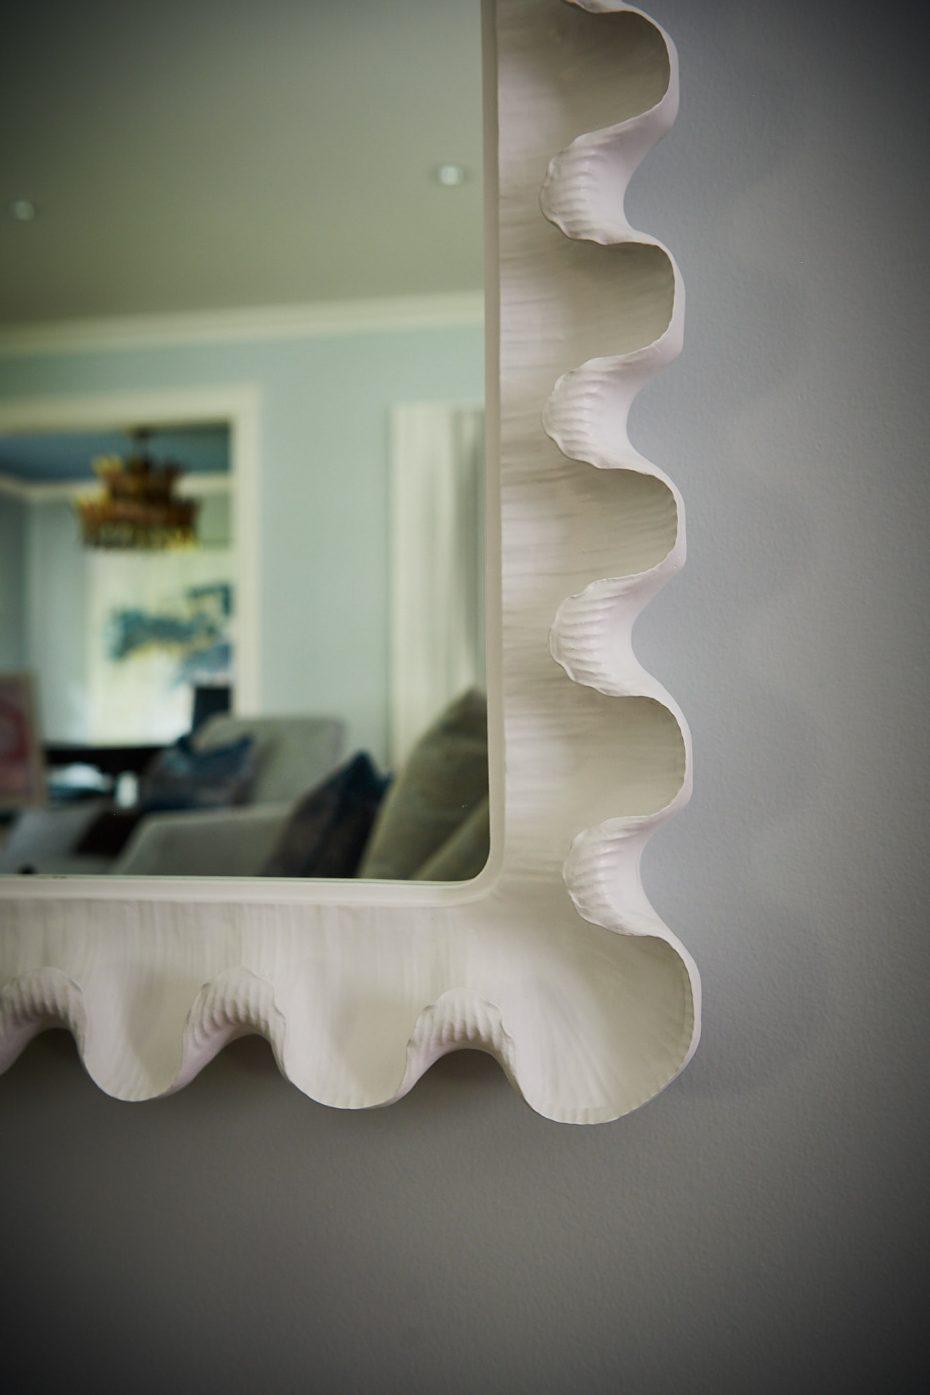 Corner of a white scalloped mirror